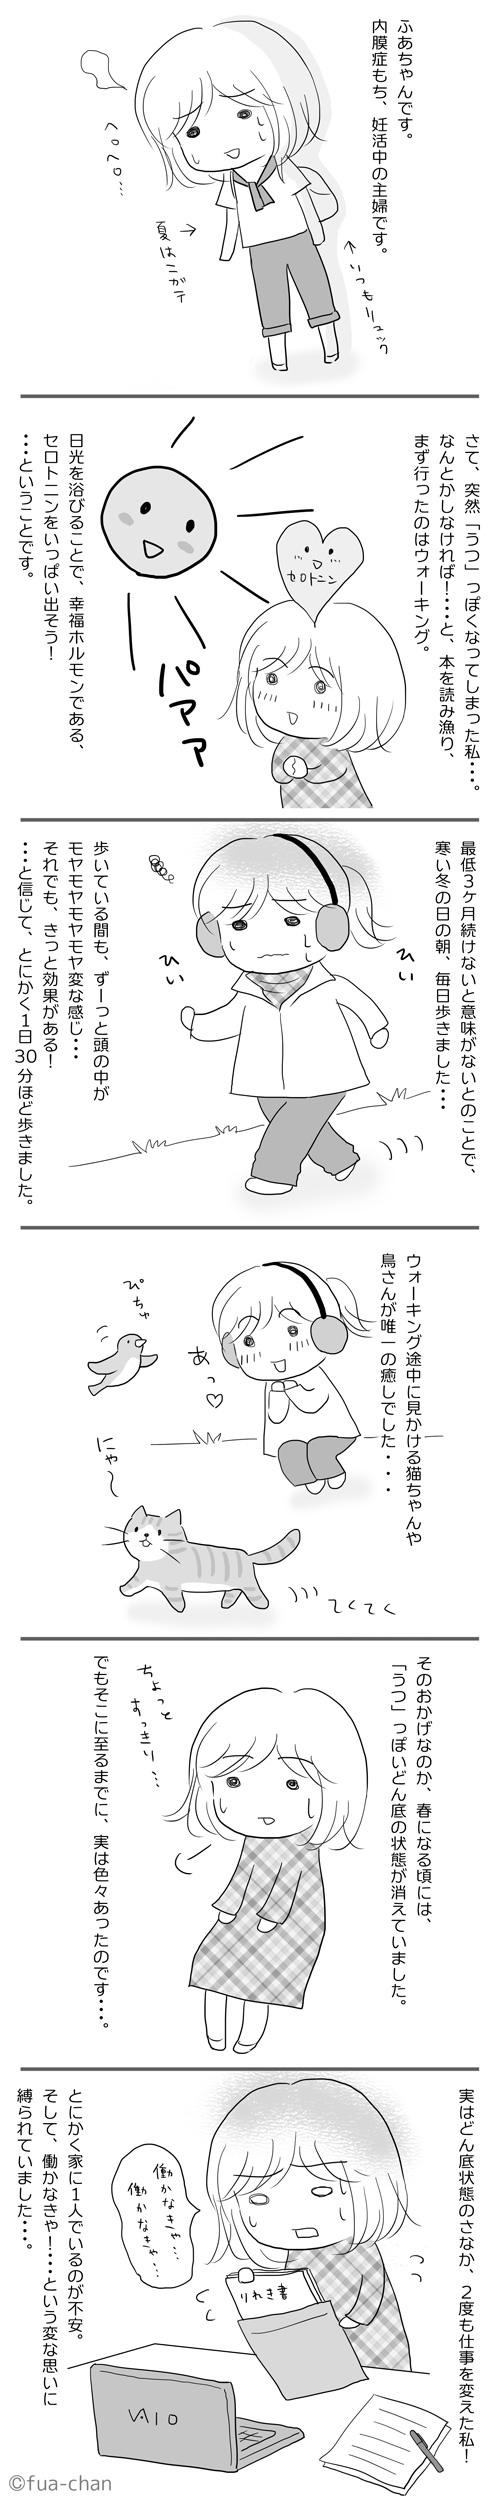 f:id:fuachan:20160803114537j:plain